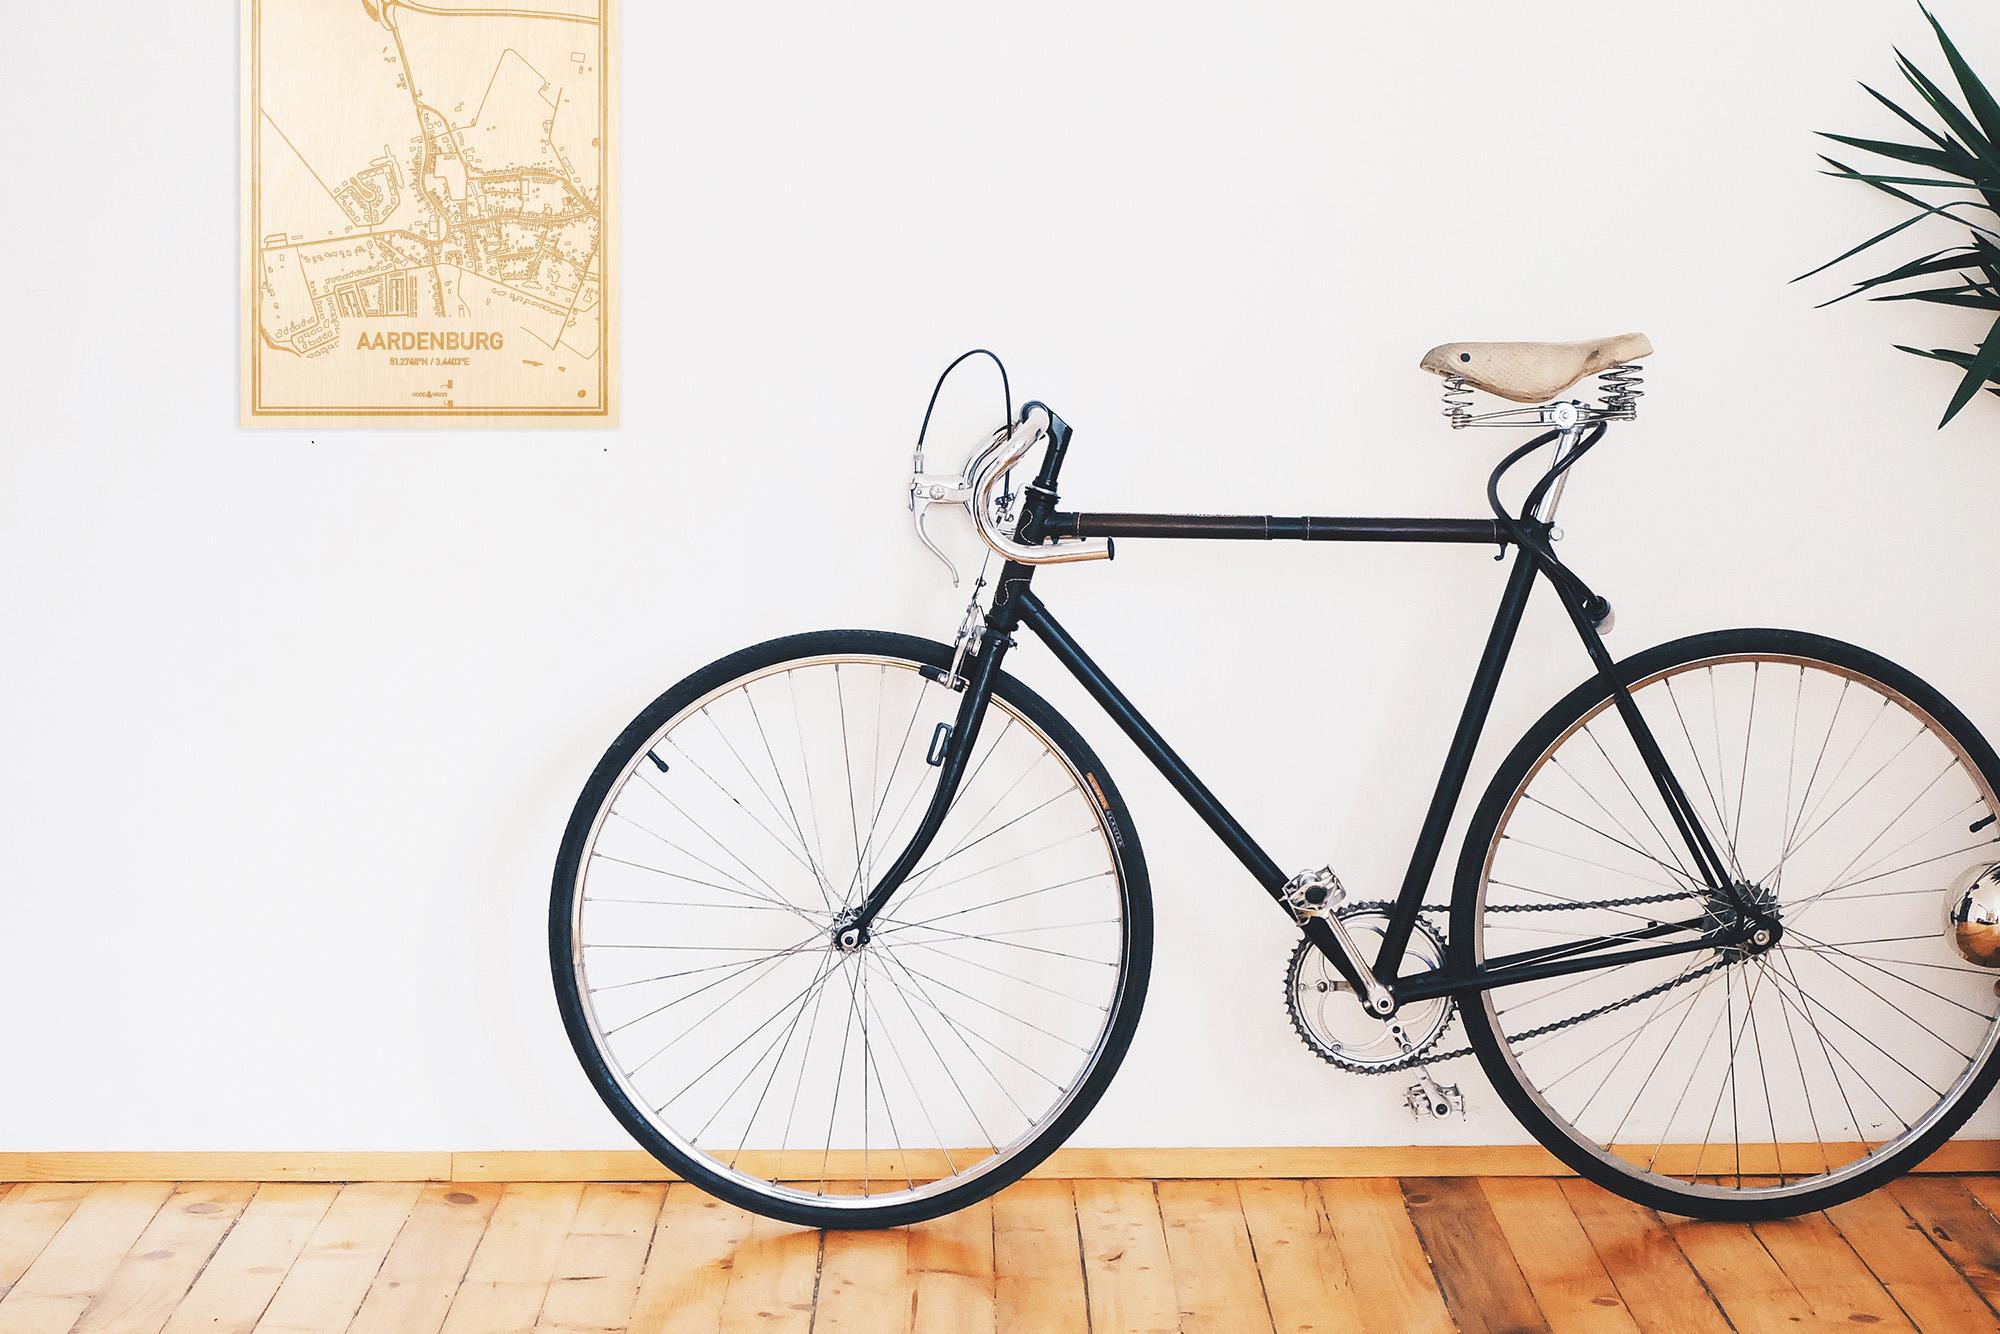 Een snelle fiets in een uniek interieur in Zeeland met mooie decoratie zoals de plattegrond Aardenburg.